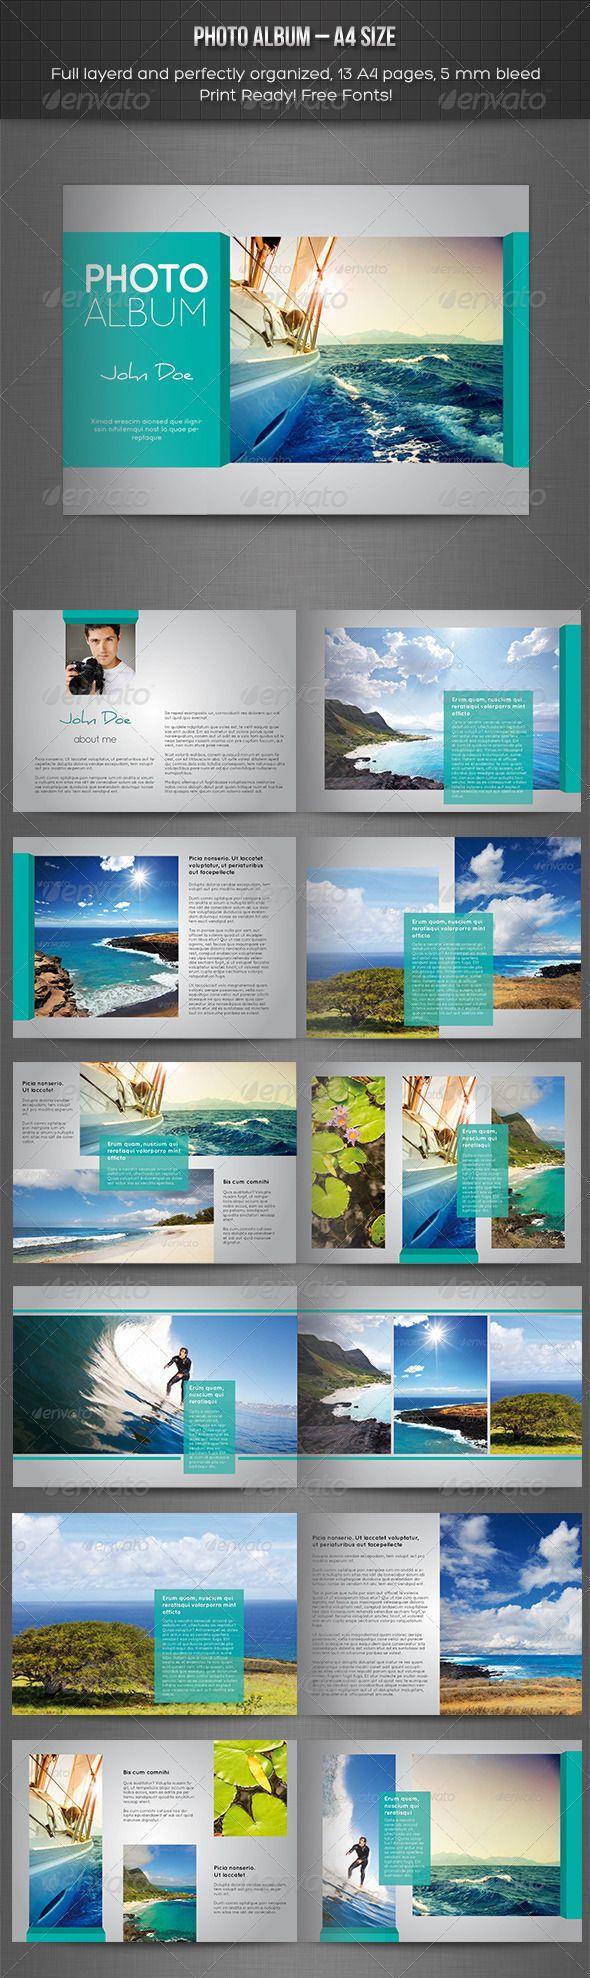 Photo Album – Landscape Template - Photo Albums Print Templates